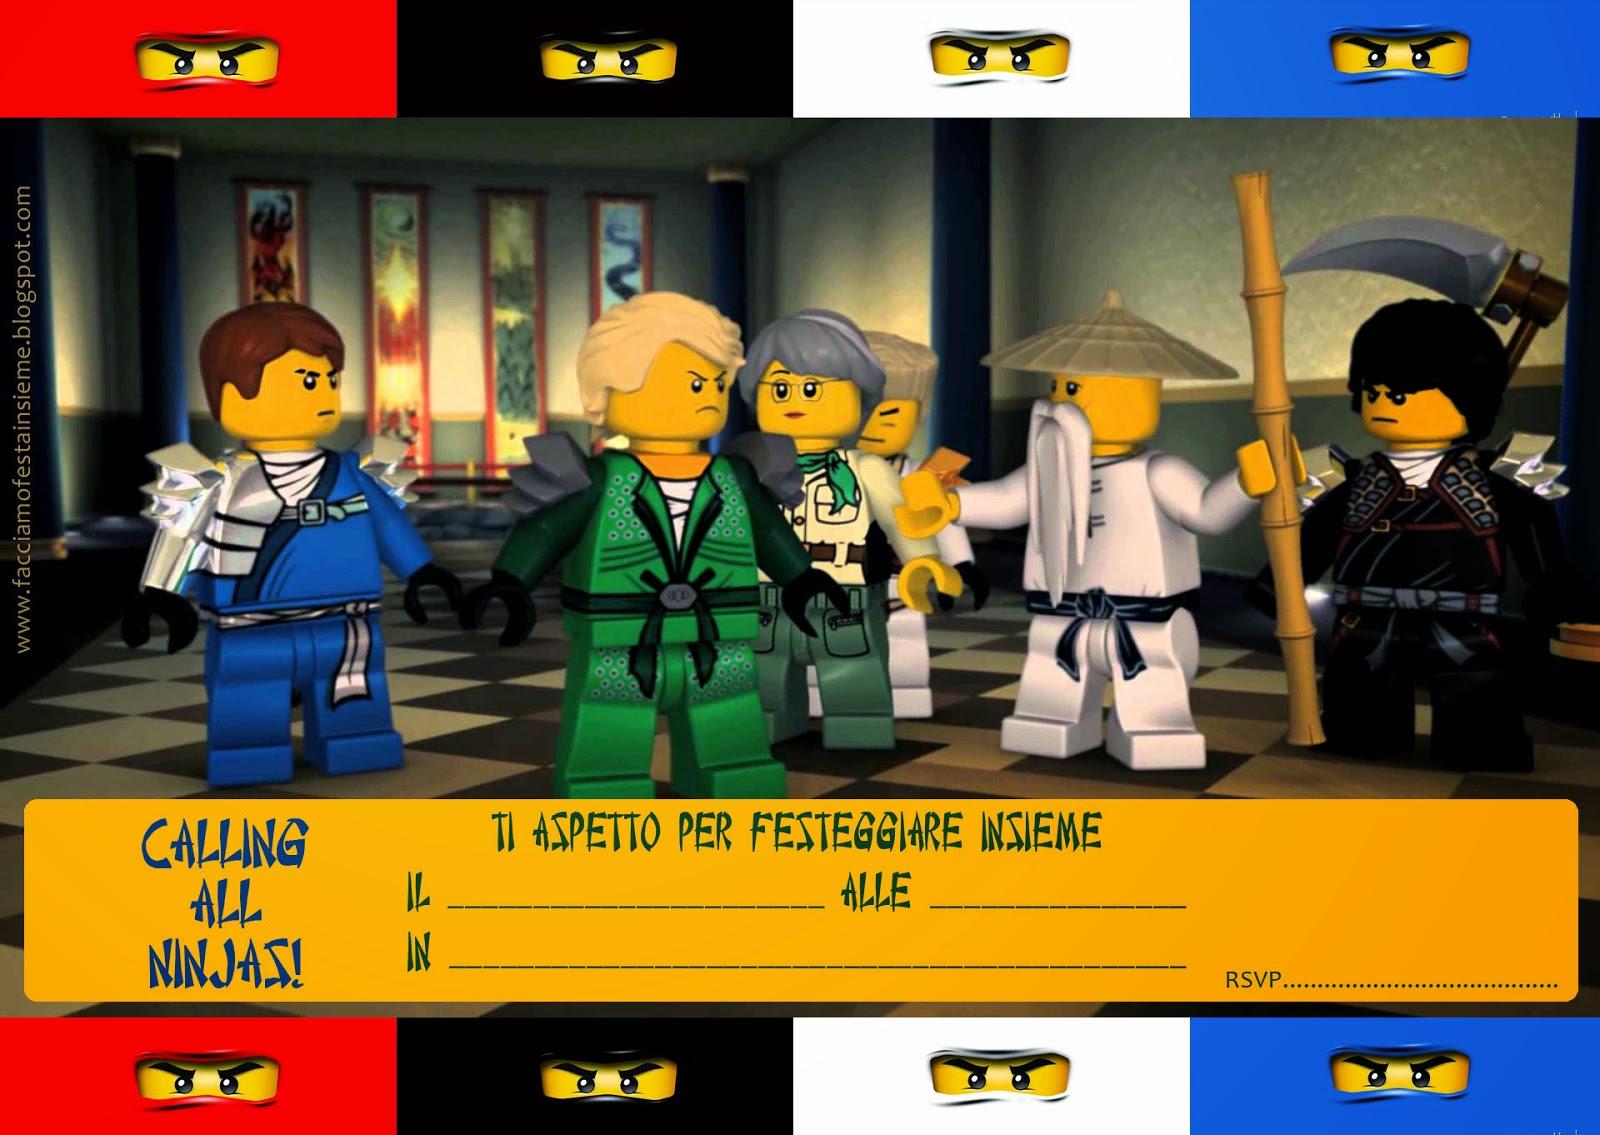 Fabuleux Facciamo festa insieme: Lego Ninjago party - Inviti di compleanno  TL53